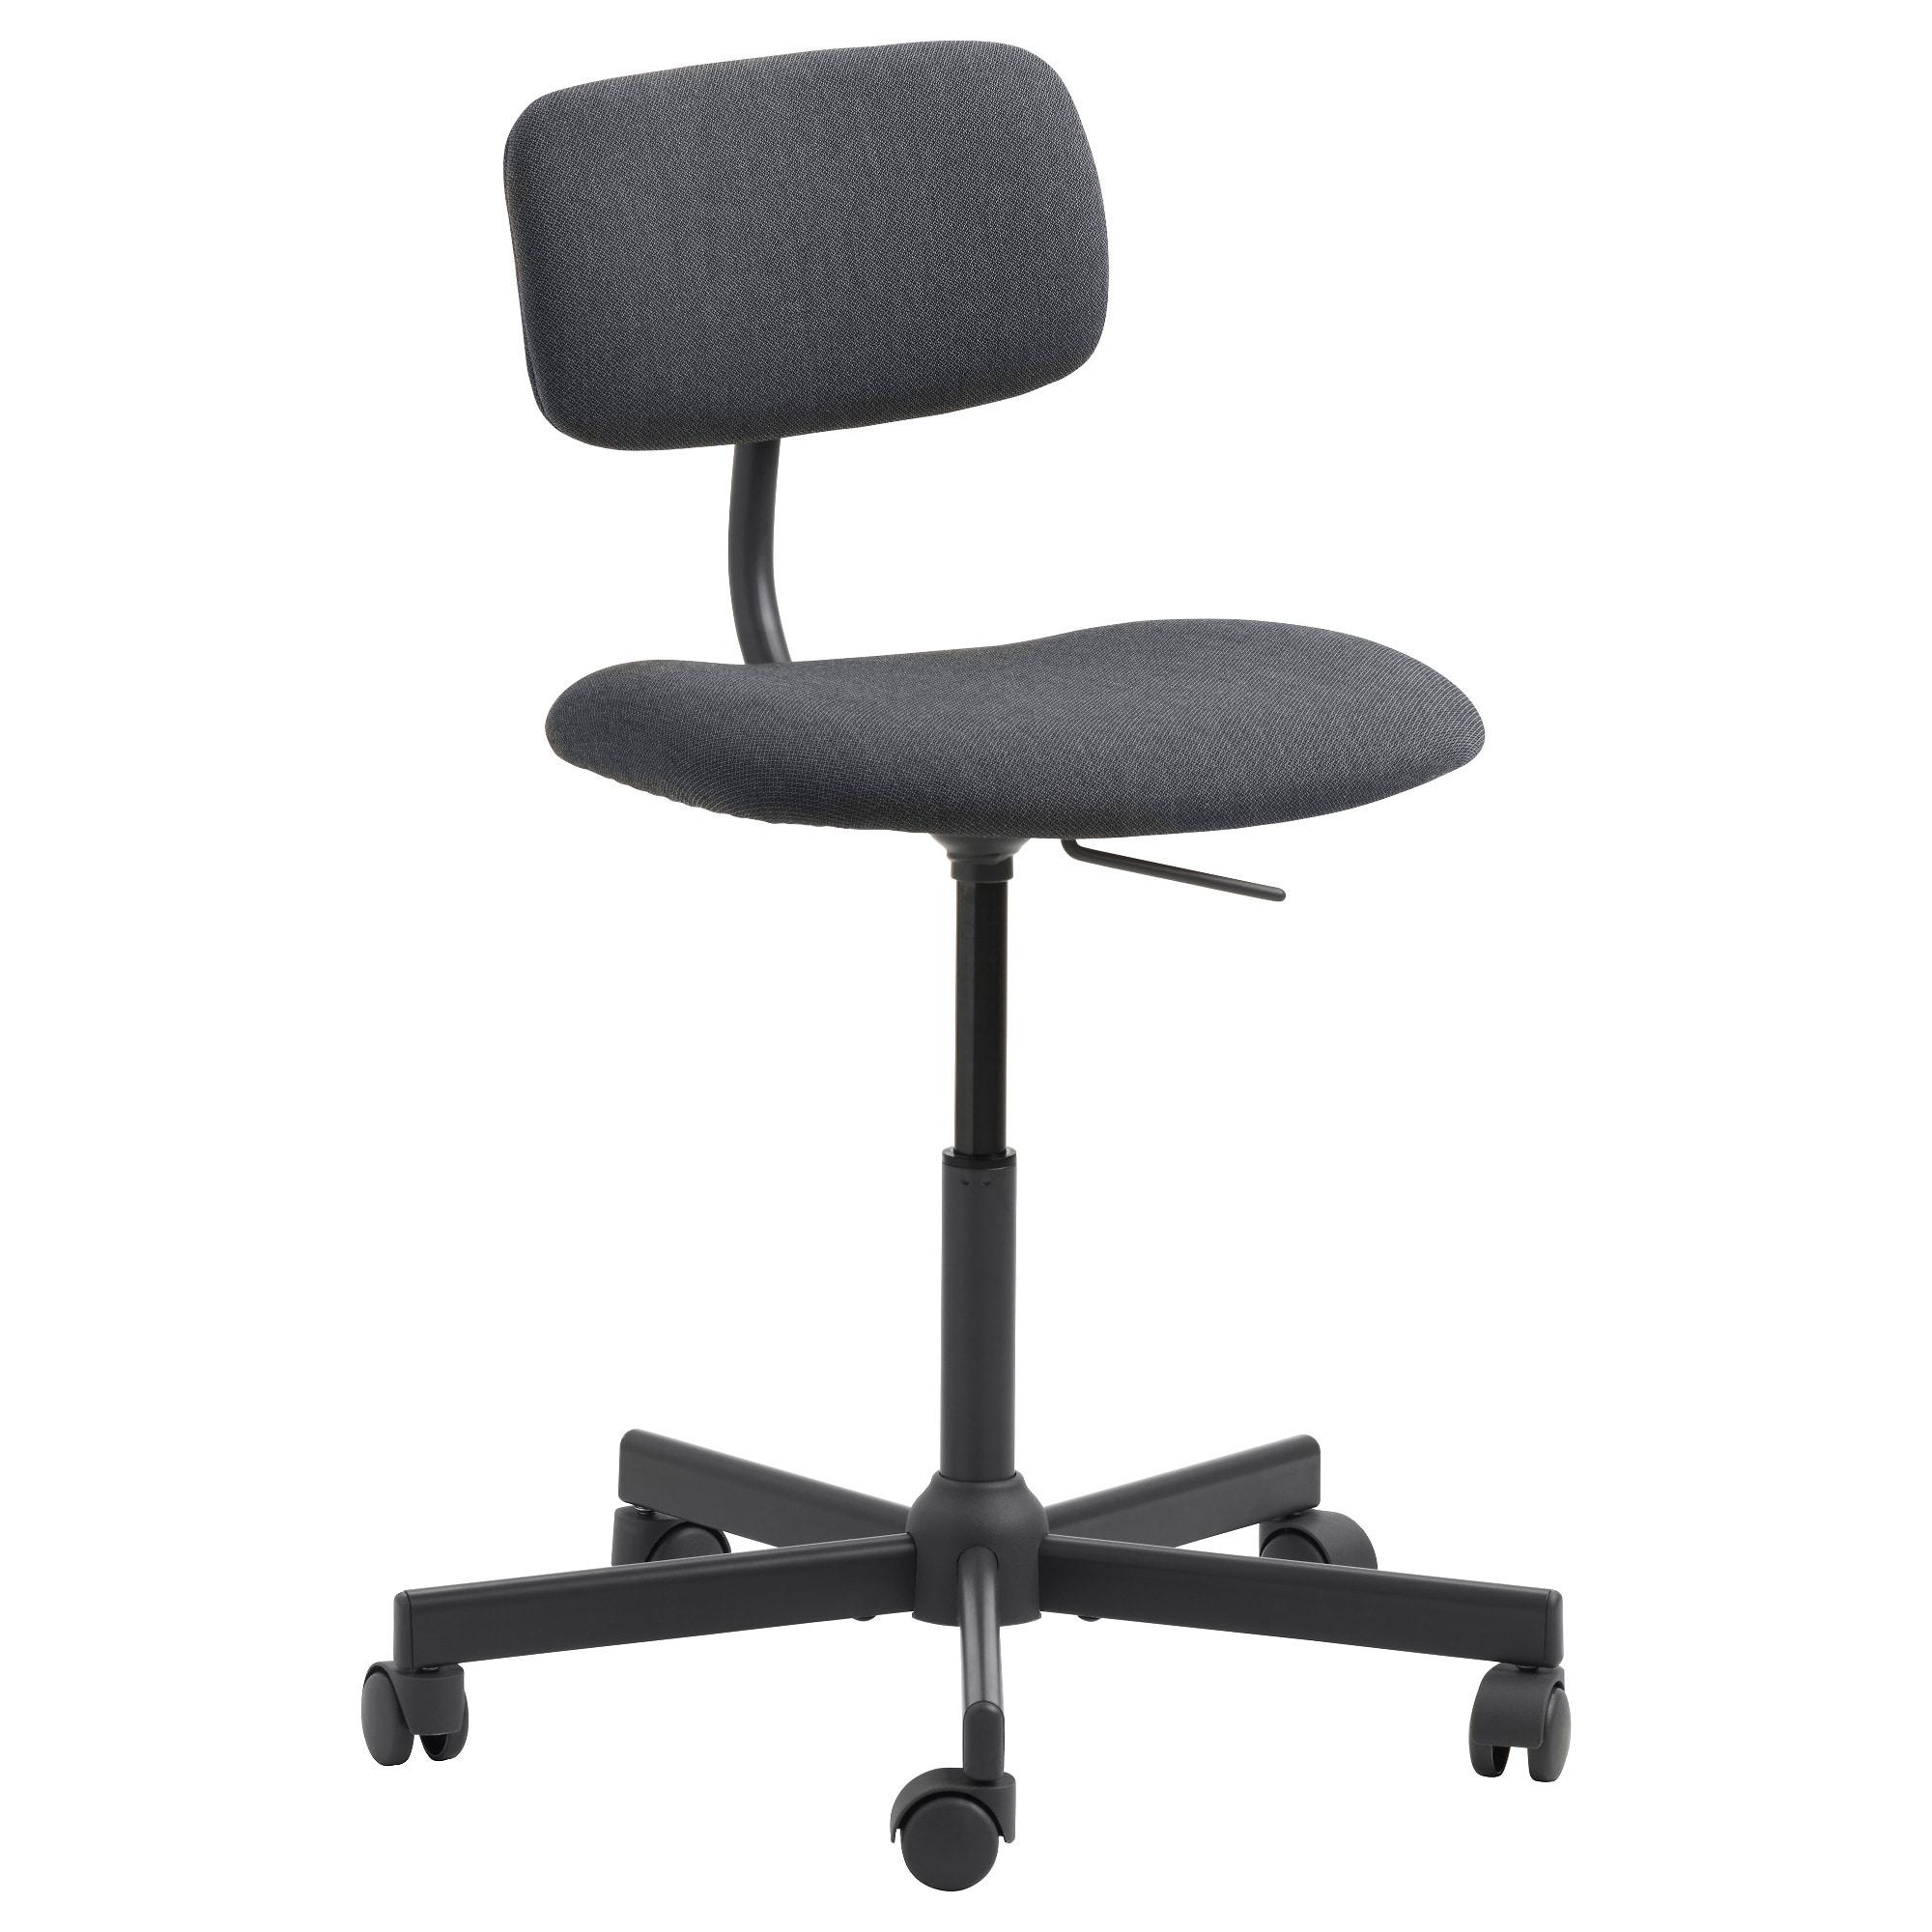 Sillas Despacho Ikea Nkde Sillas De Oficina Y Sillas De Trabajo Pra Online Ikea